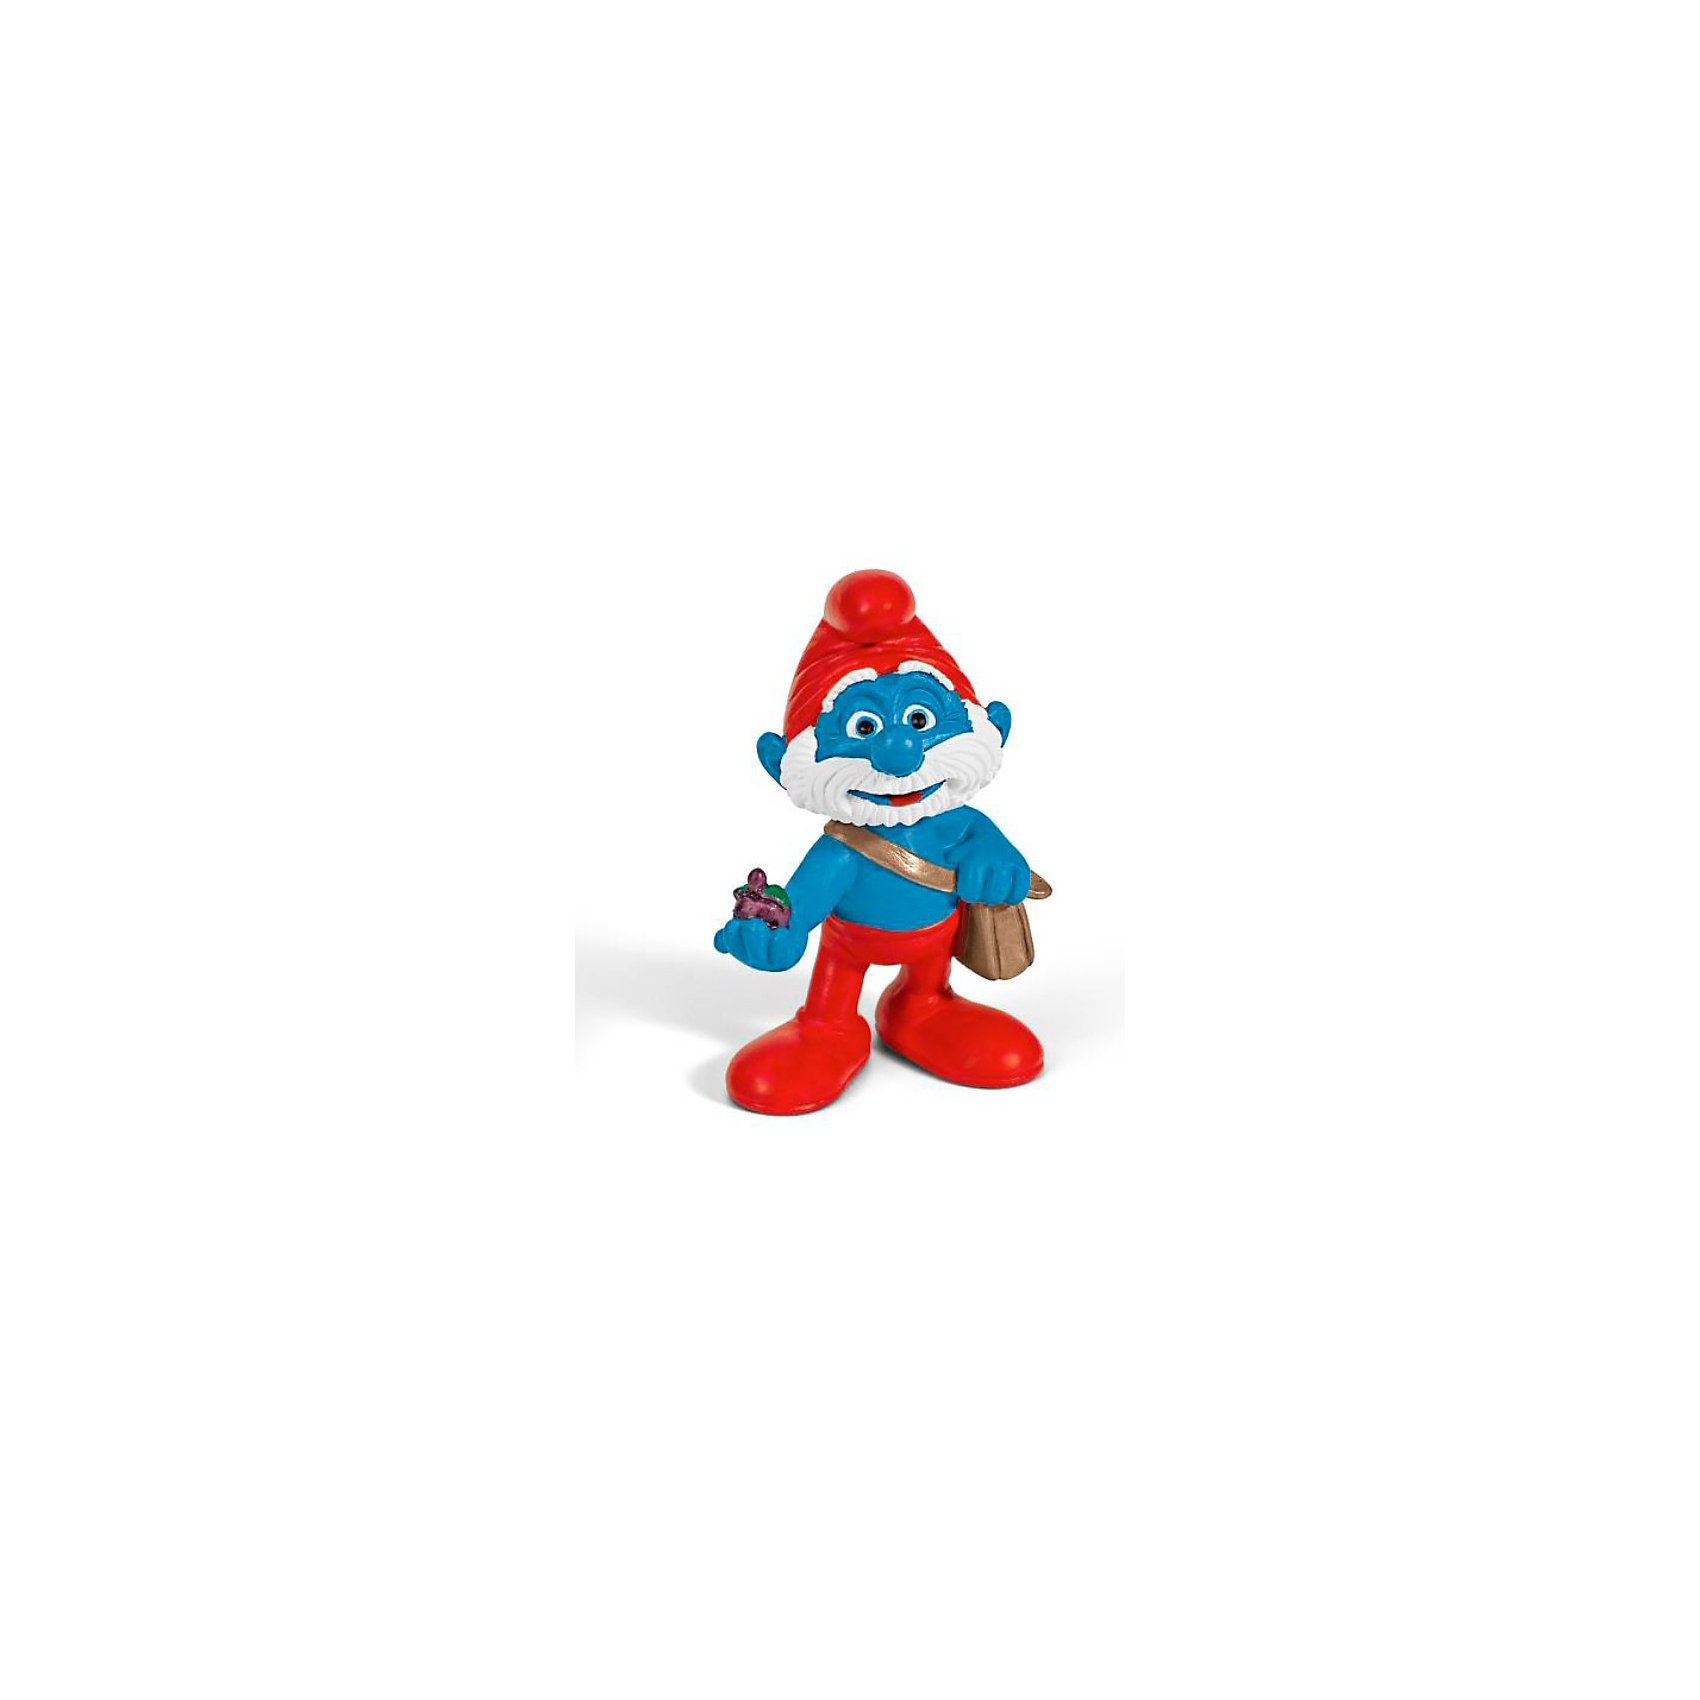 Фигурка Смурфики - Гномик Папа, 5,5 см, SchleichКоллекционные и игровые фигурки<br>Характеристики:<br><br>• материал: пластик каучуковый;<br>• серия: «Смурфы в 3D»;<br>• высота фигурки: 5,5 см;<br>• вес: 20 г;<br>• размеры: 6х3х4 см;<br><br>Гномик Папа, Schleich (Шляйх) – эта фигурка смурфа, выполненная по мотивам популярного мультфильма «Смурфы в 3D». <br><br>Игрушка выполнена в миниатюрном размере. Полностью соответствует облику экранного героя смурфу Папе: у него красные штанишки и красная шапка-колпачок на голове, а через плечо перекинута сумка.<br><br>Фигурки от Шляйх выполнены из экологически безопасного каучукового пластика, который устойчив к появлению царапин и сколов. Гномик раскрашен вручную, что обеспечивает высокую детализацию даже самых мелких деталей и элементов.<br><br>Гномика Папу, Schleich можно купить в нашем интернет-магазине.<br><br>Ширина мм: 92<br>Глубина мм: 76<br>Высота мм: 27<br>Вес г: 18<br>Возраст от месяцев: 36<br>Возраст до месяцев: 96<br>Пол: Унисекс<br>Возраст: Детский<br>SKU: 2232185